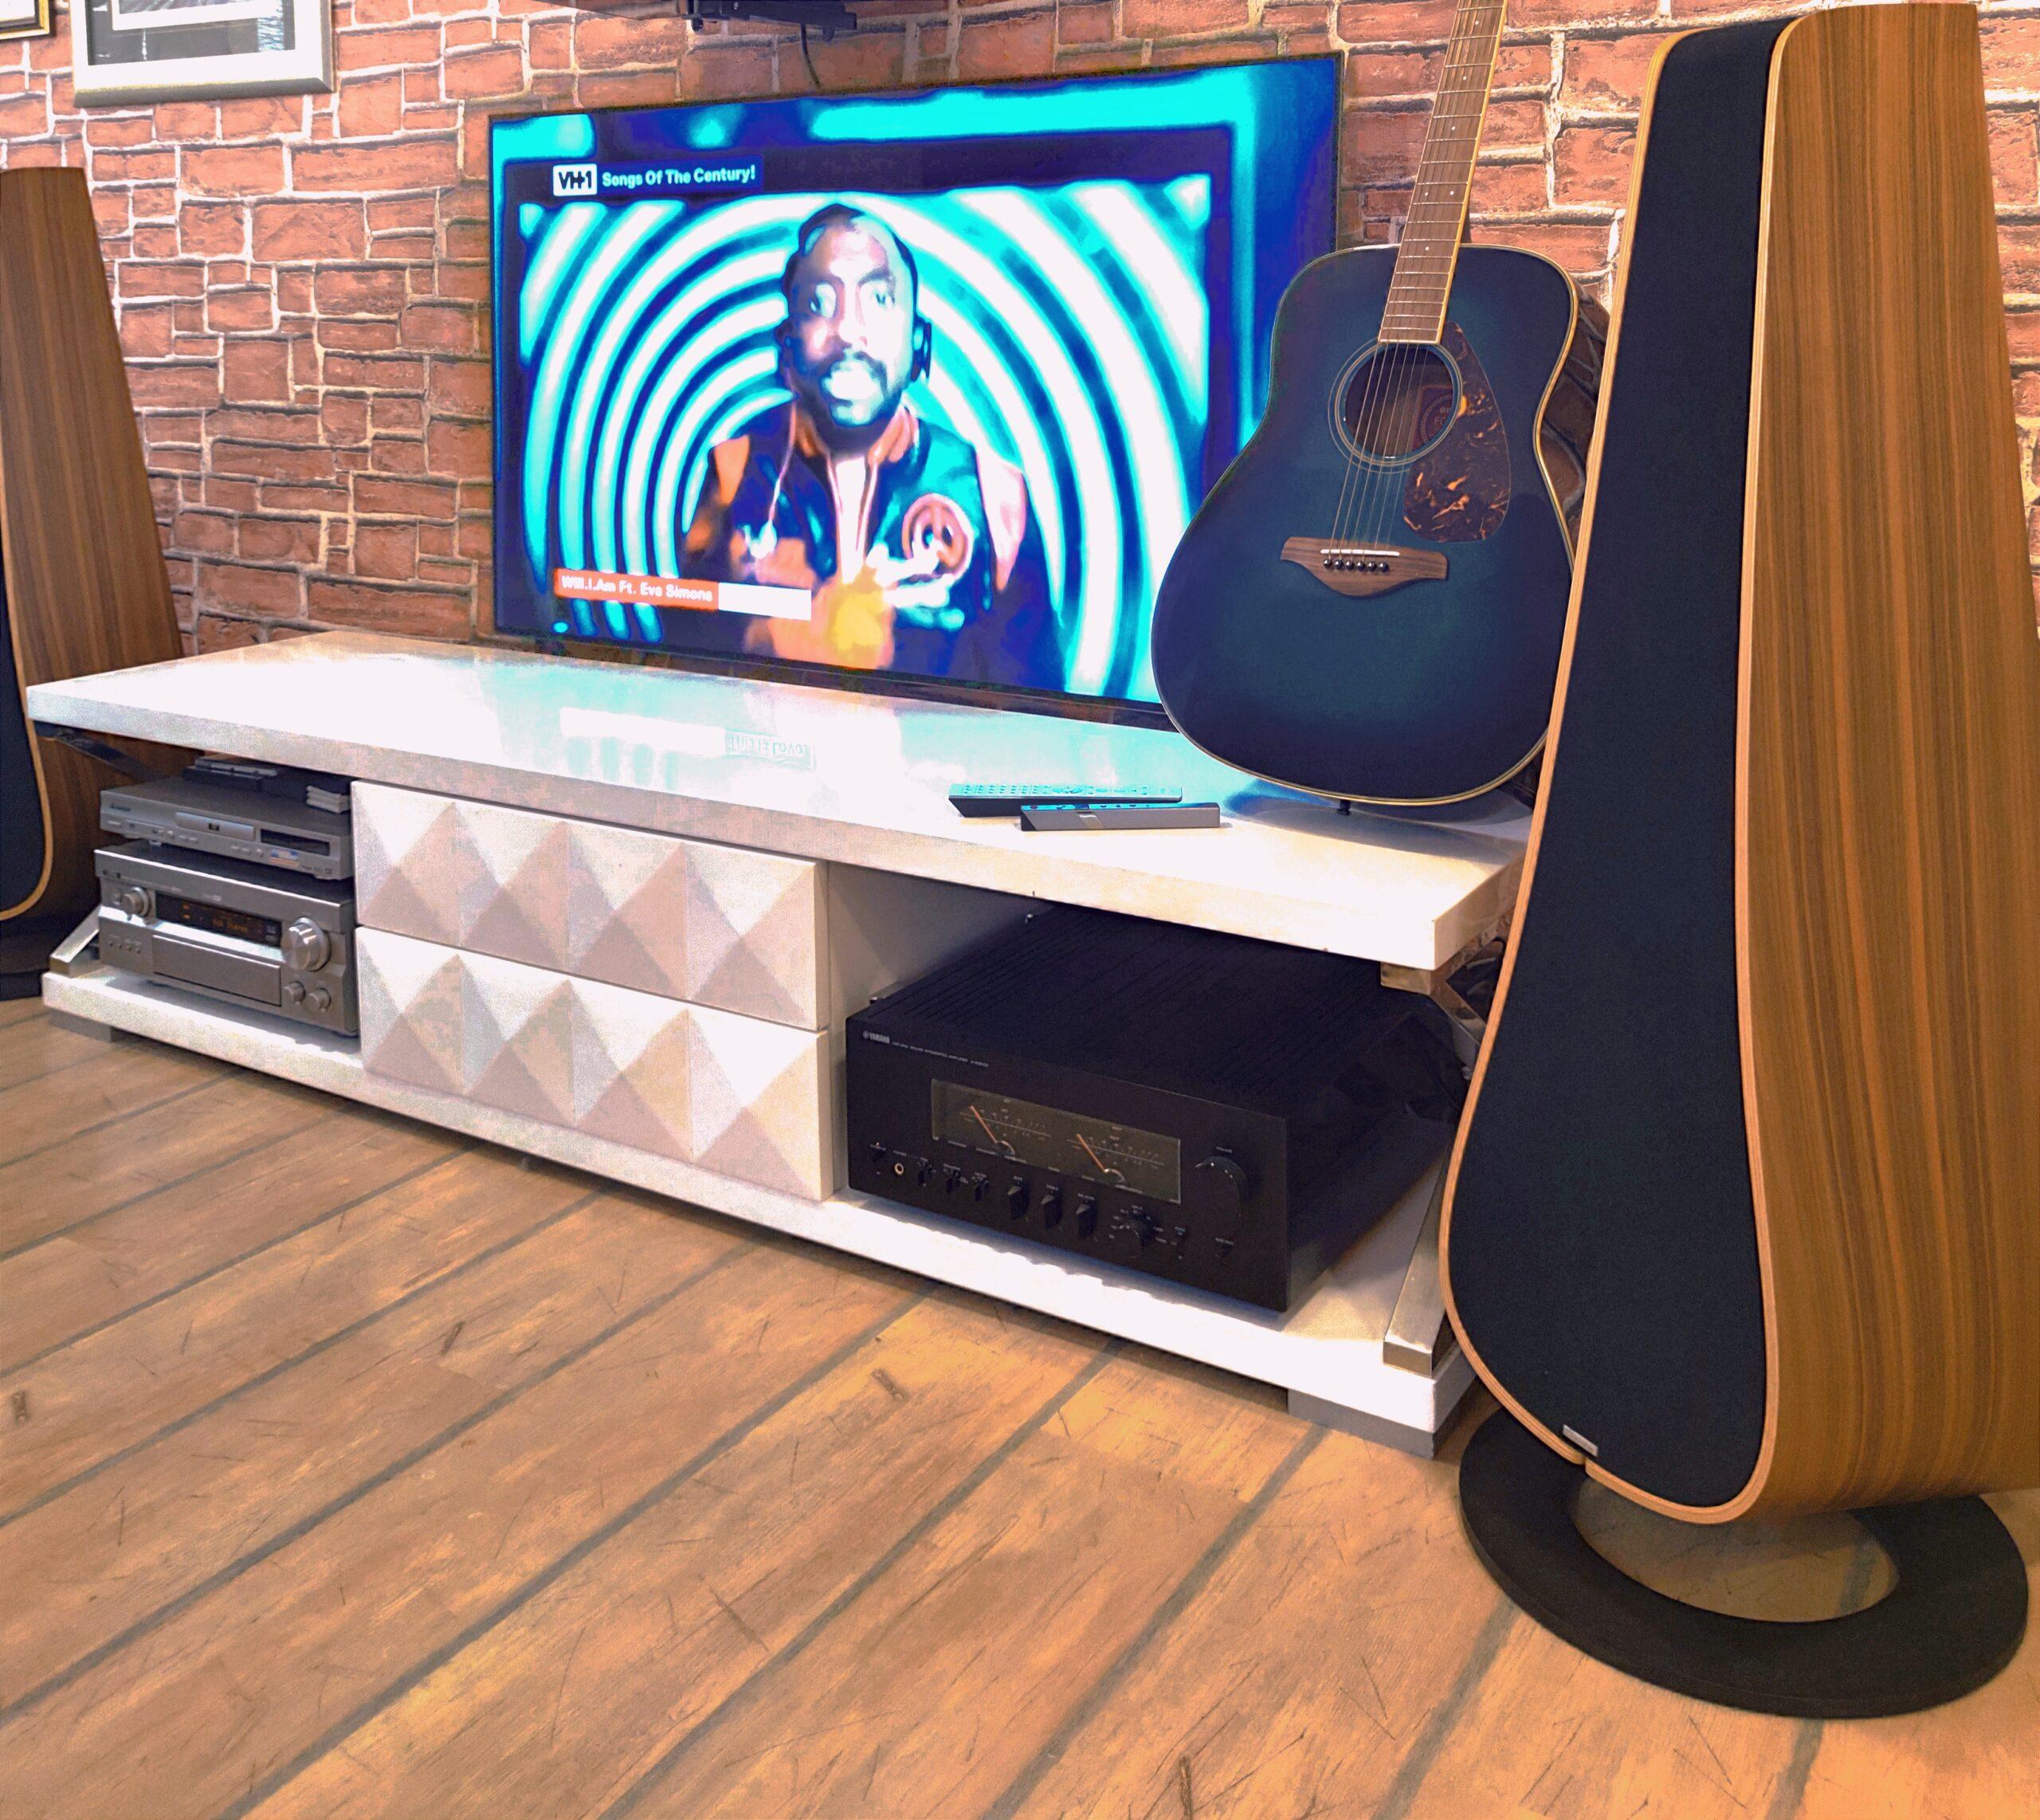 Recenzija - Audio pojačalo Yamaha AS3000